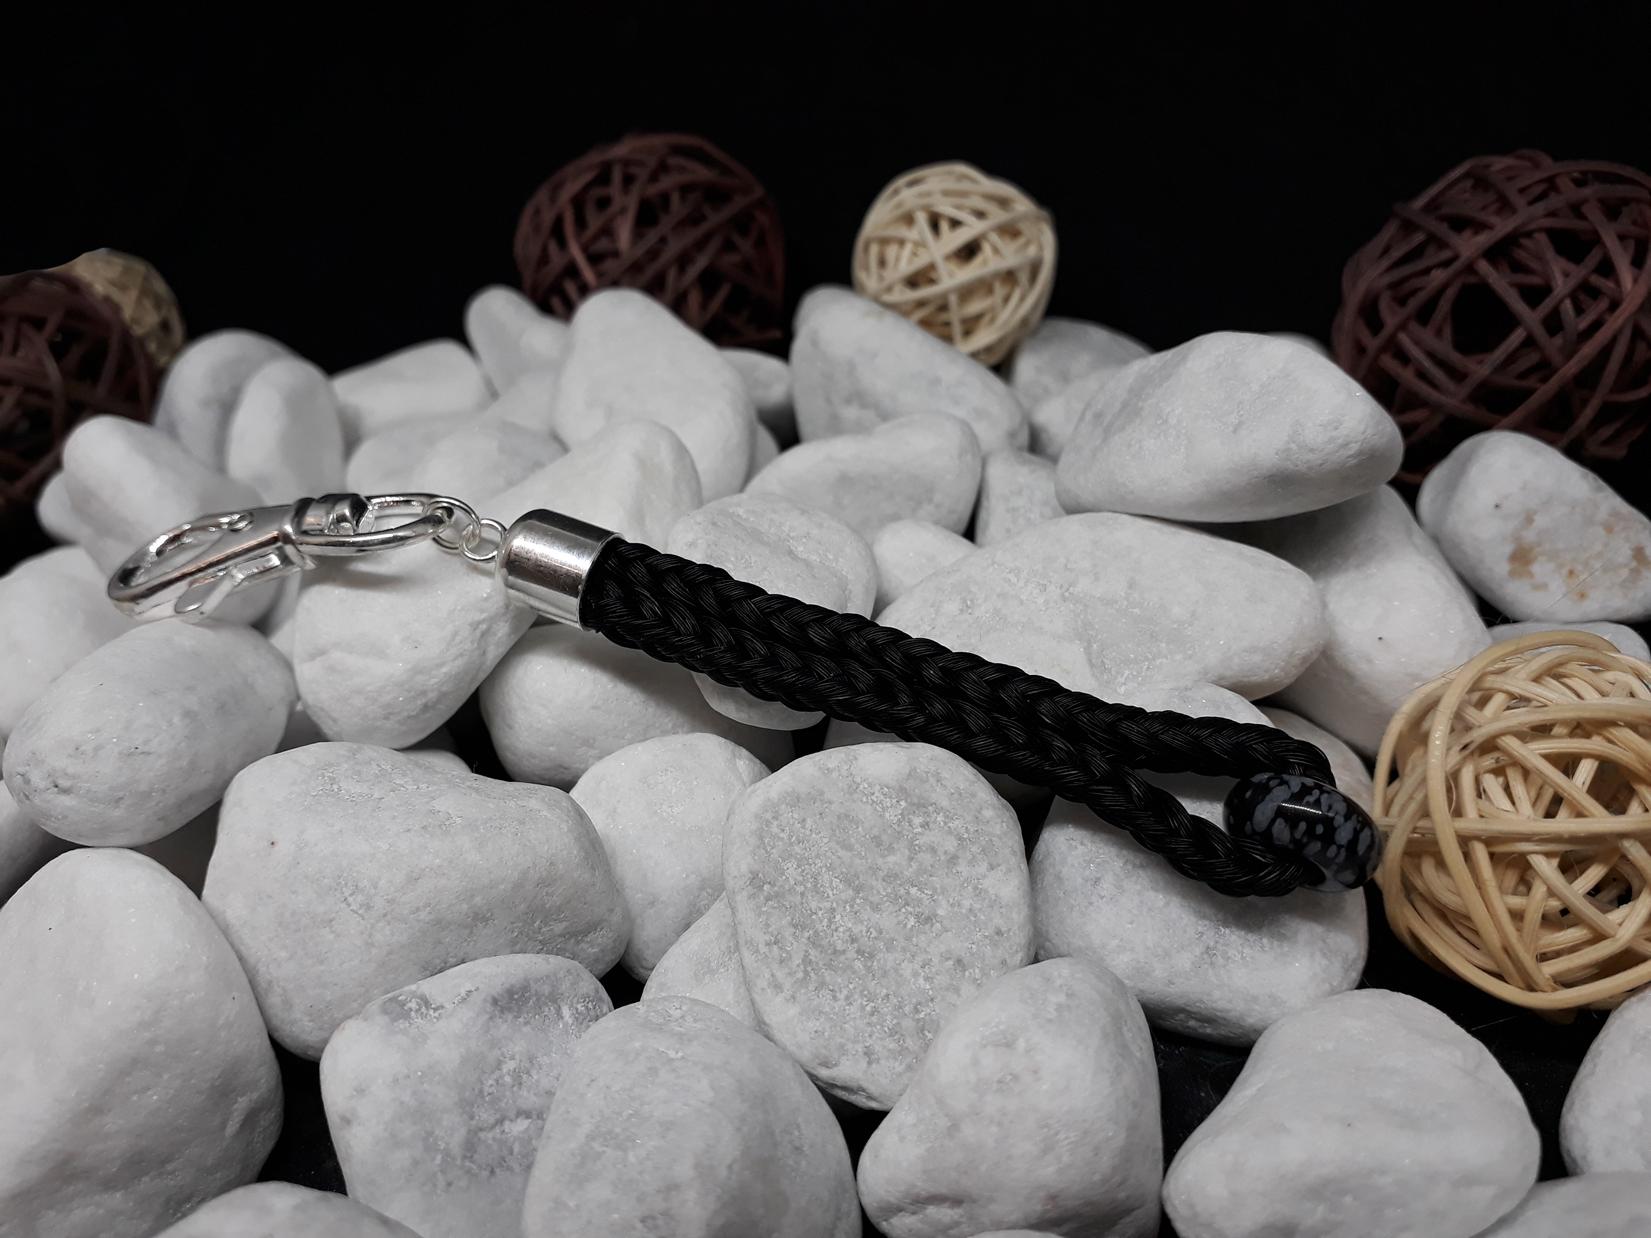 """Schlüsselanhänger in Stabform, viereckig geflochten mit schwarzem Pferdehaar, mit Edelstein """"Schneeflocken Obsidian"""", mit Endkappe aus 925er Silber - Preis: 42 Euro"""